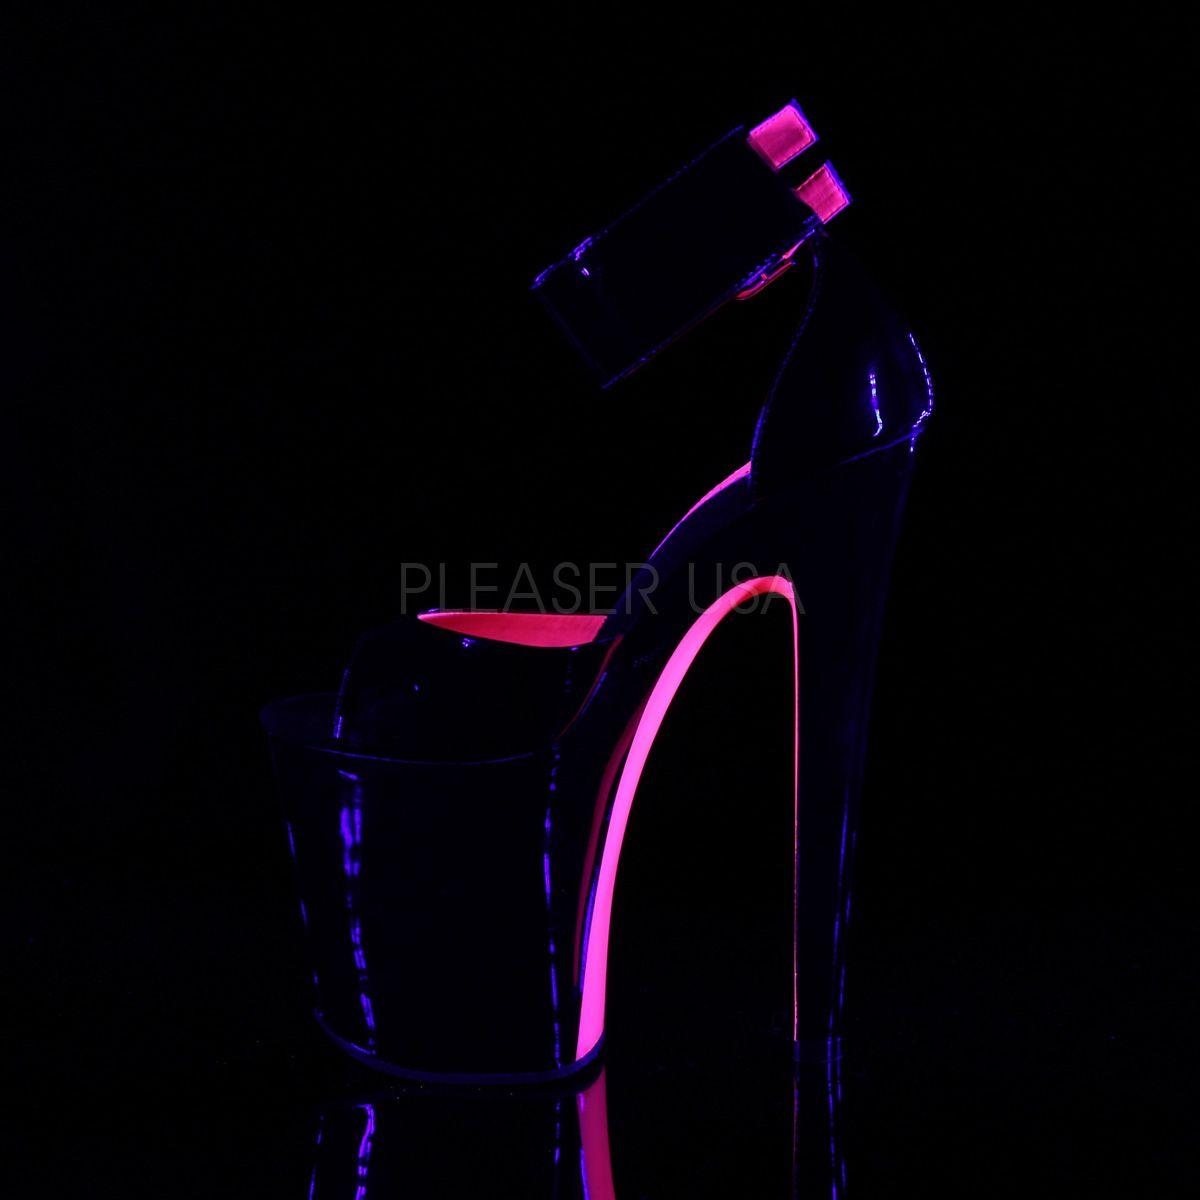 Sandália Xtreme 875 TT  - Pleaser (encomenda)